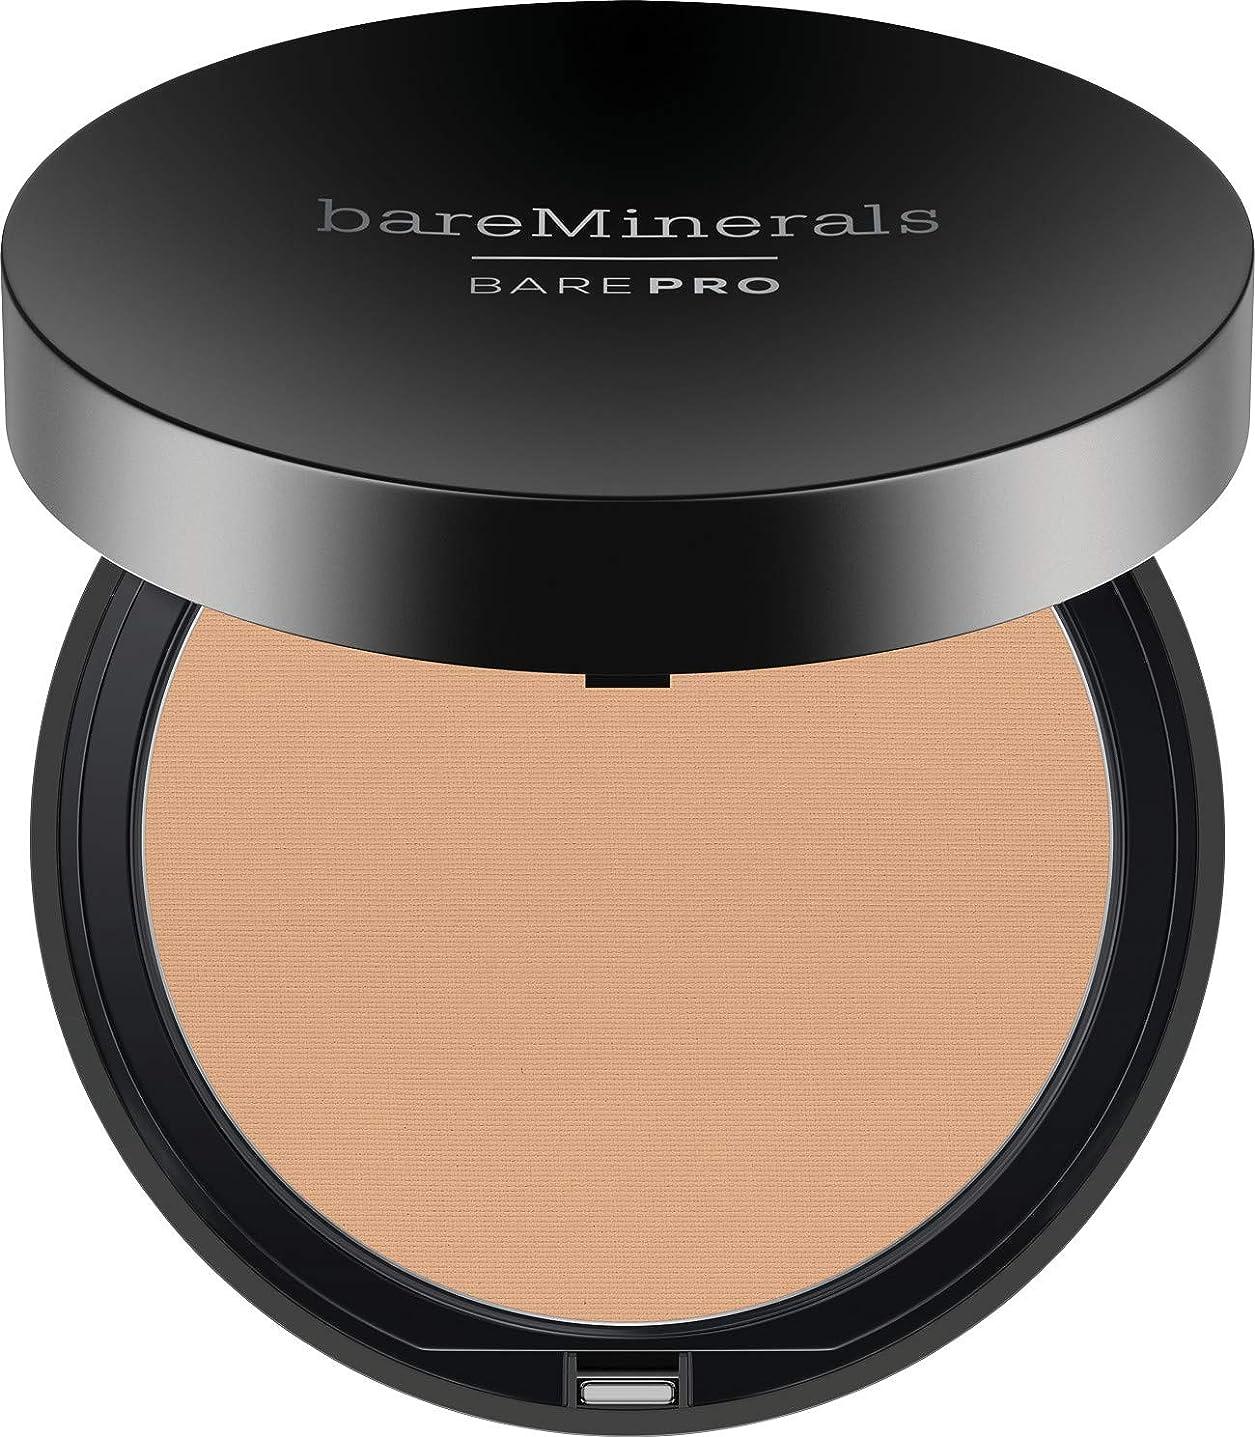 ビリープリーツ認証ベアミネラル BarePro Performance Wear Powder Foundation - # 12 Warm Natural 10g/0.34oz並行輸入品